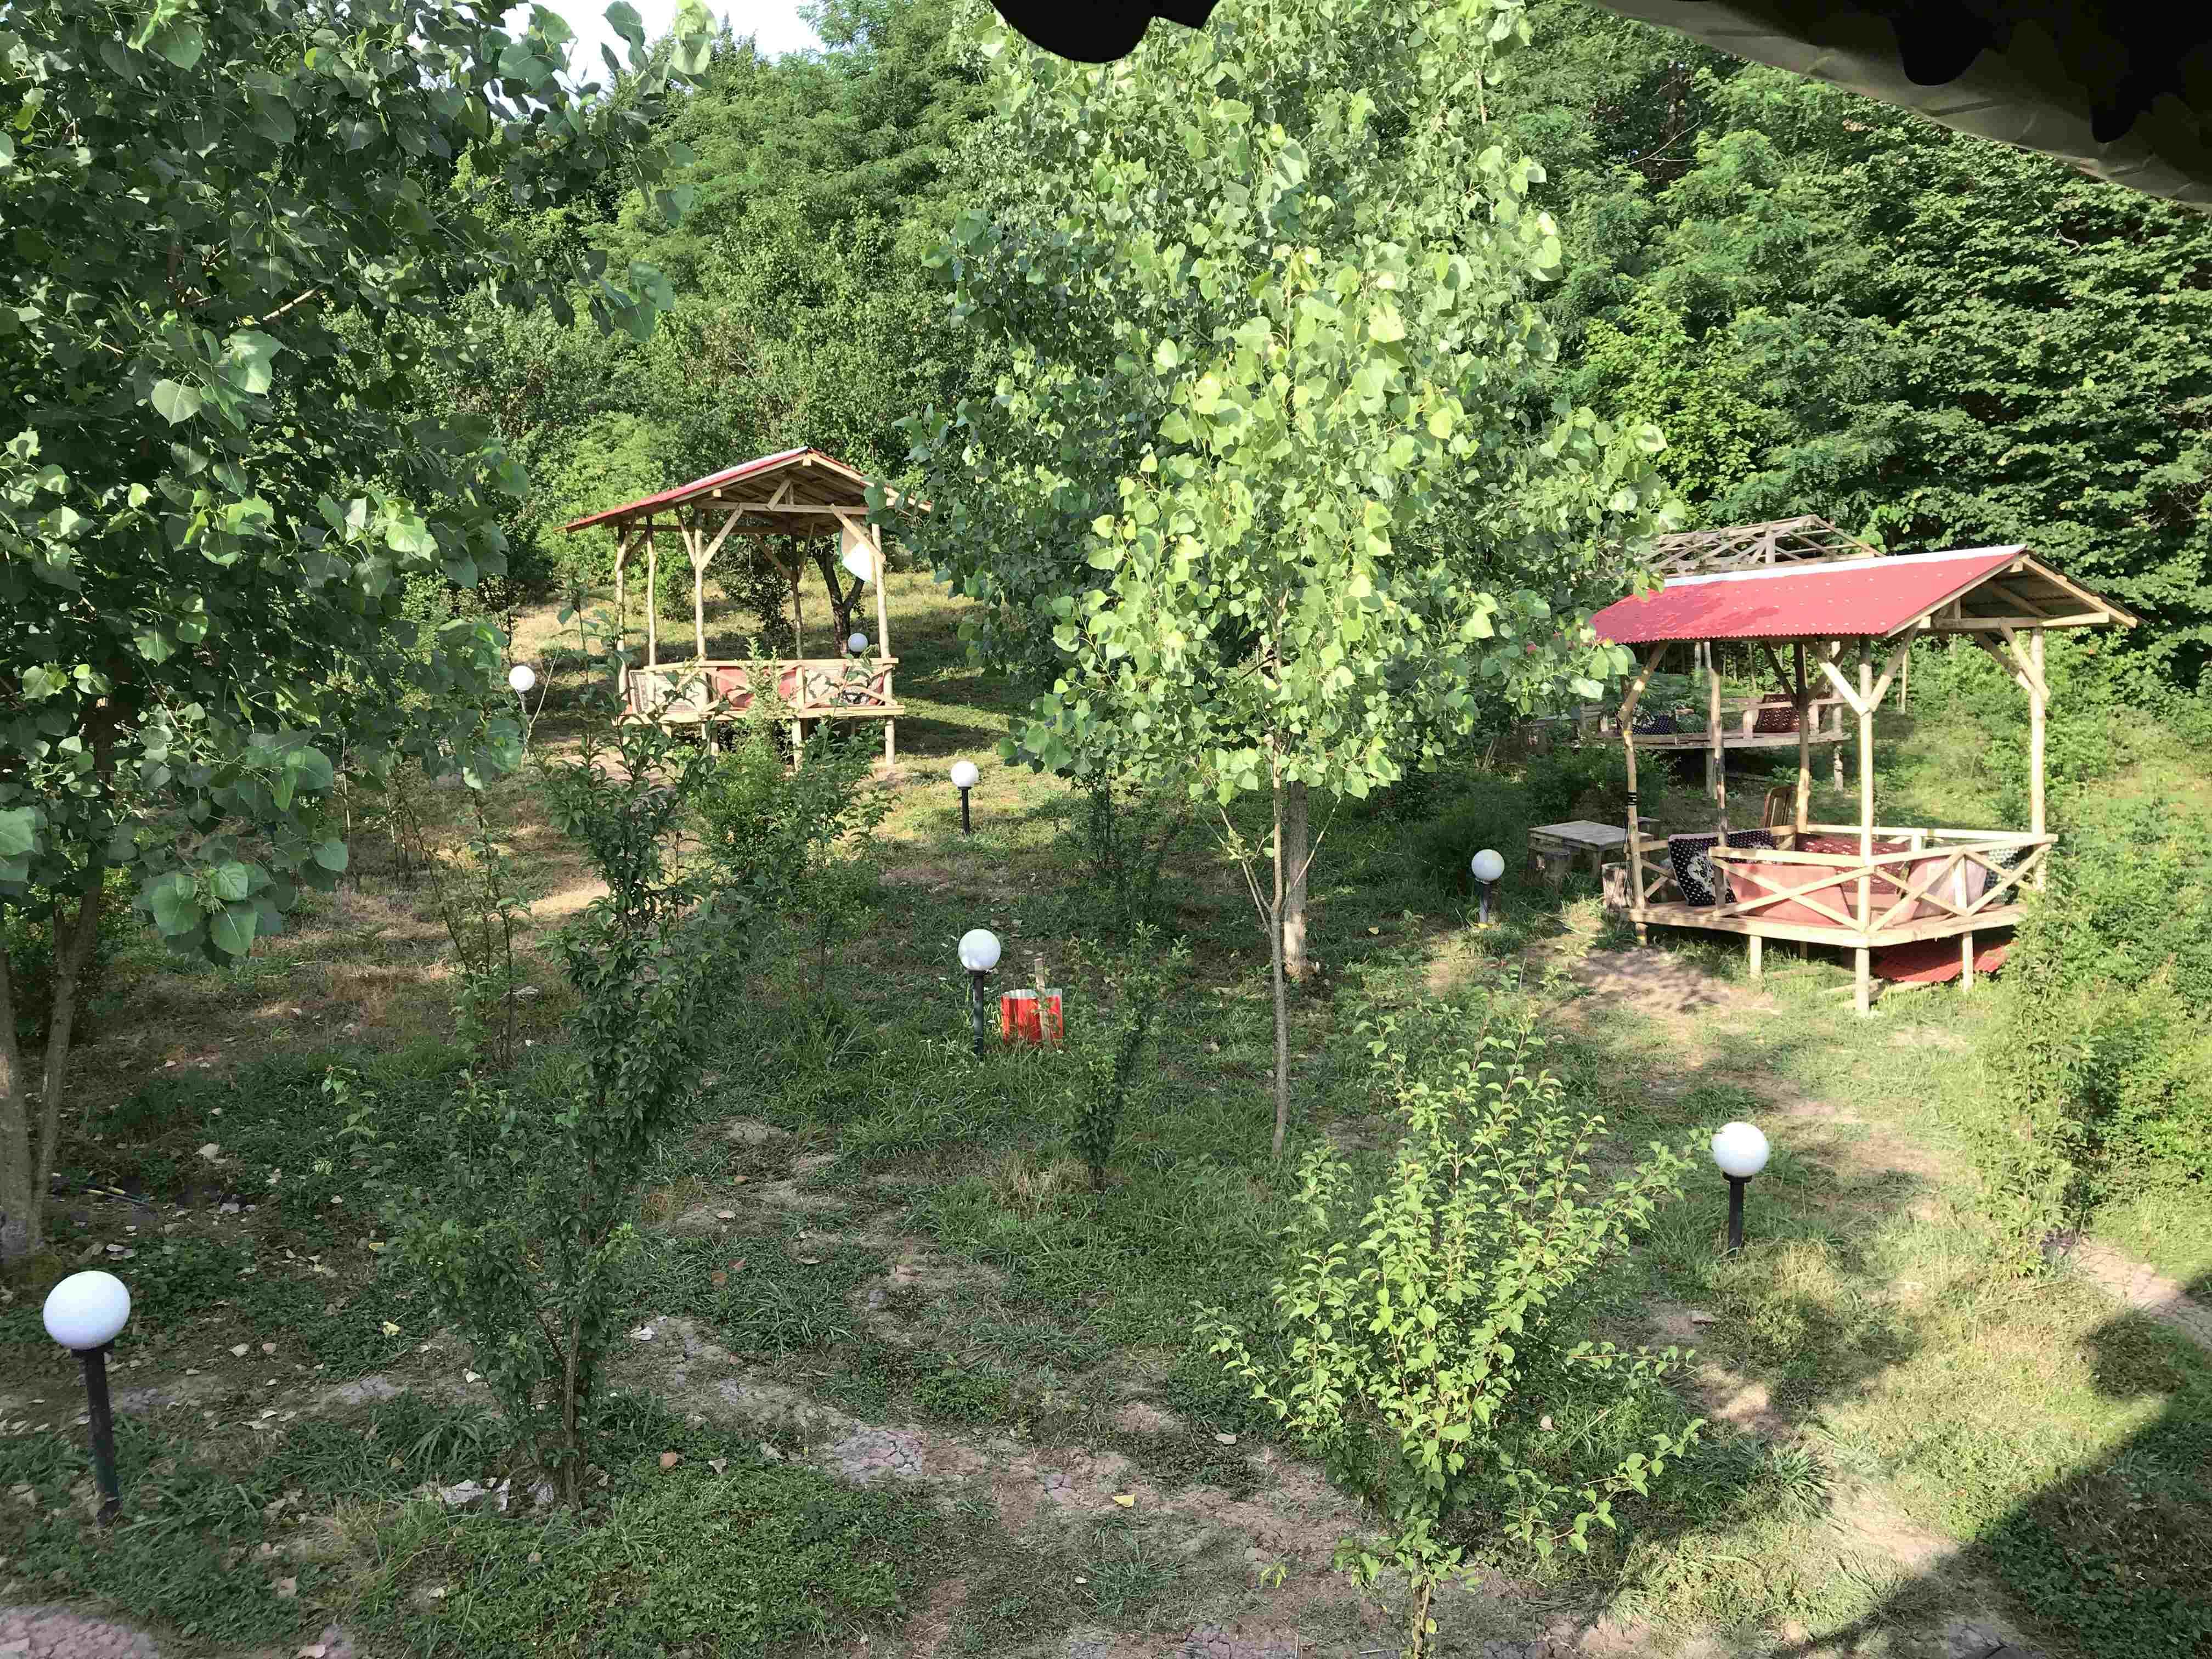 Forest کلبه چوبی جنگلی در کندلات رودبار